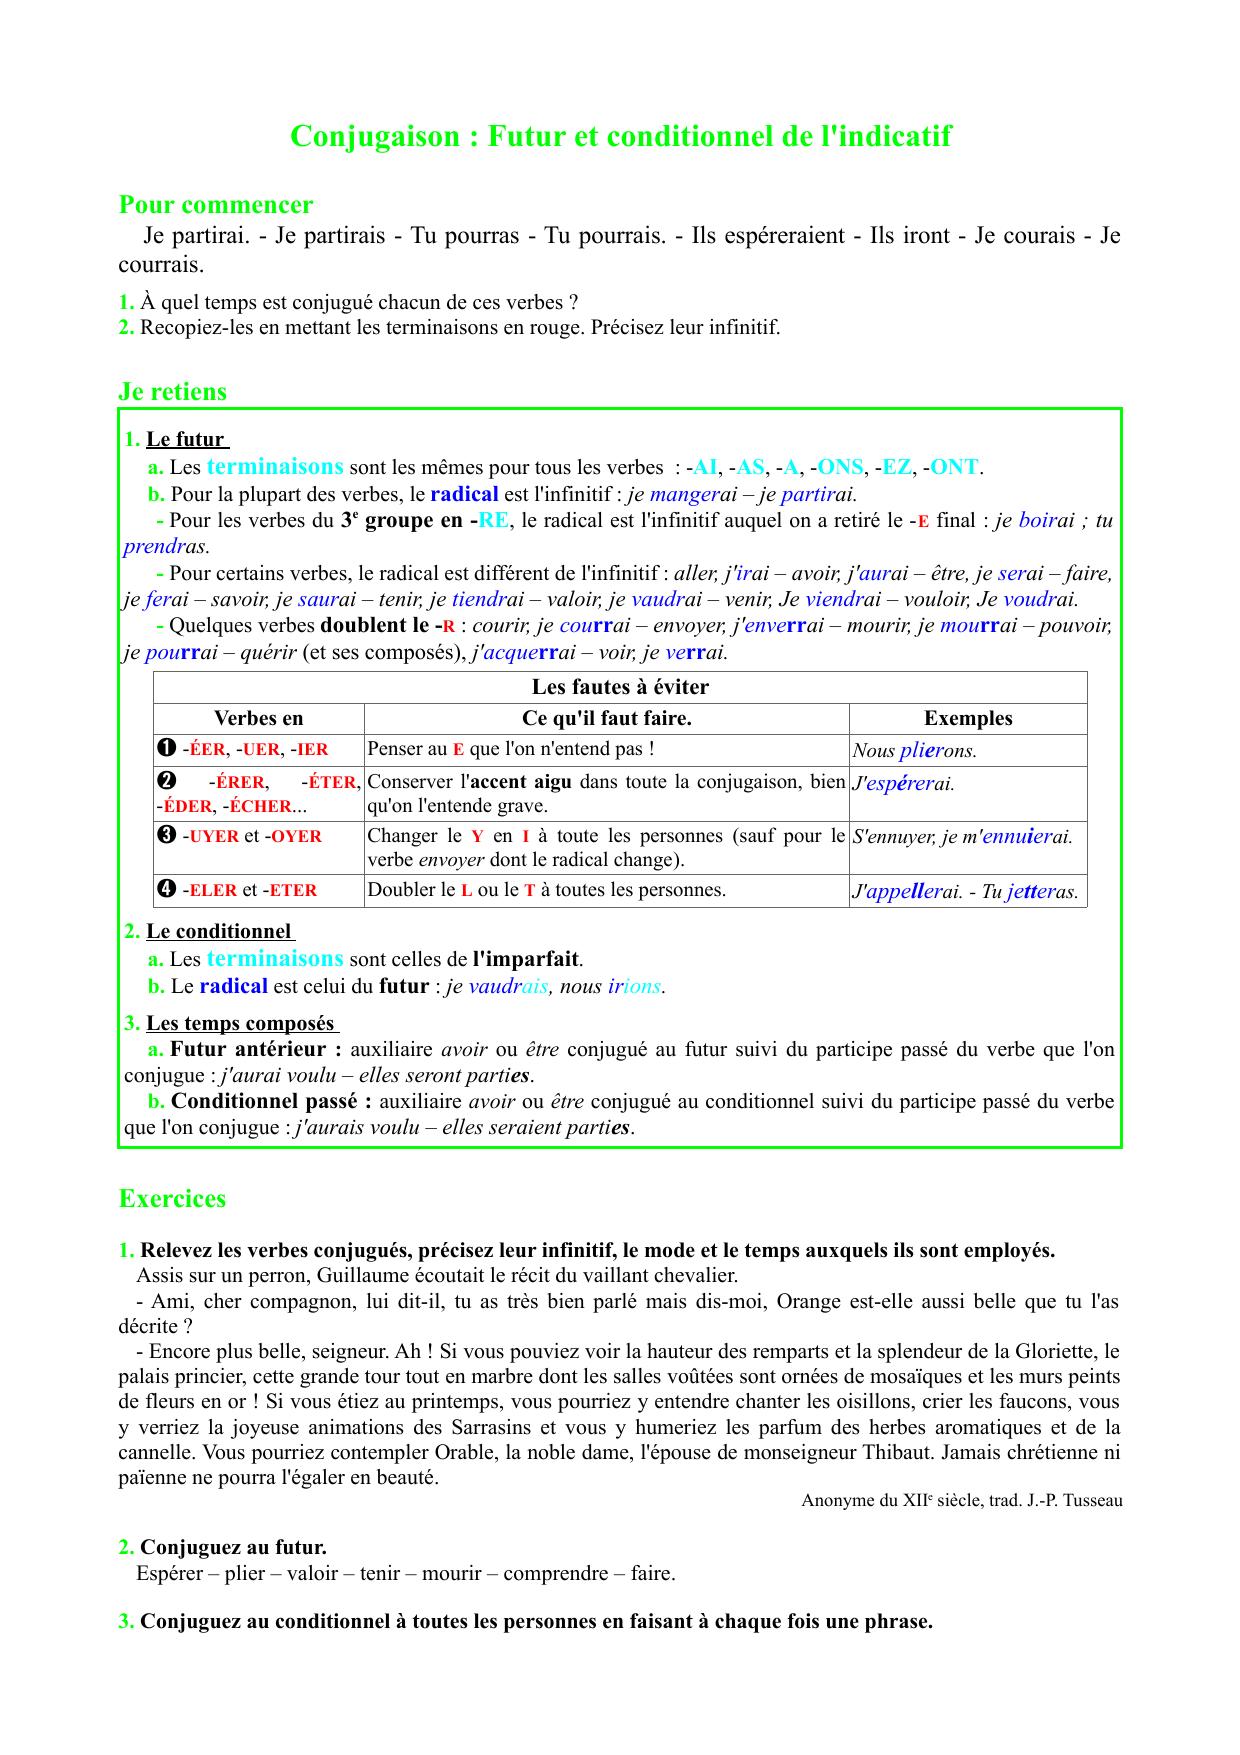 Conjugaison Futur Et Conditionnel De L Indicatif